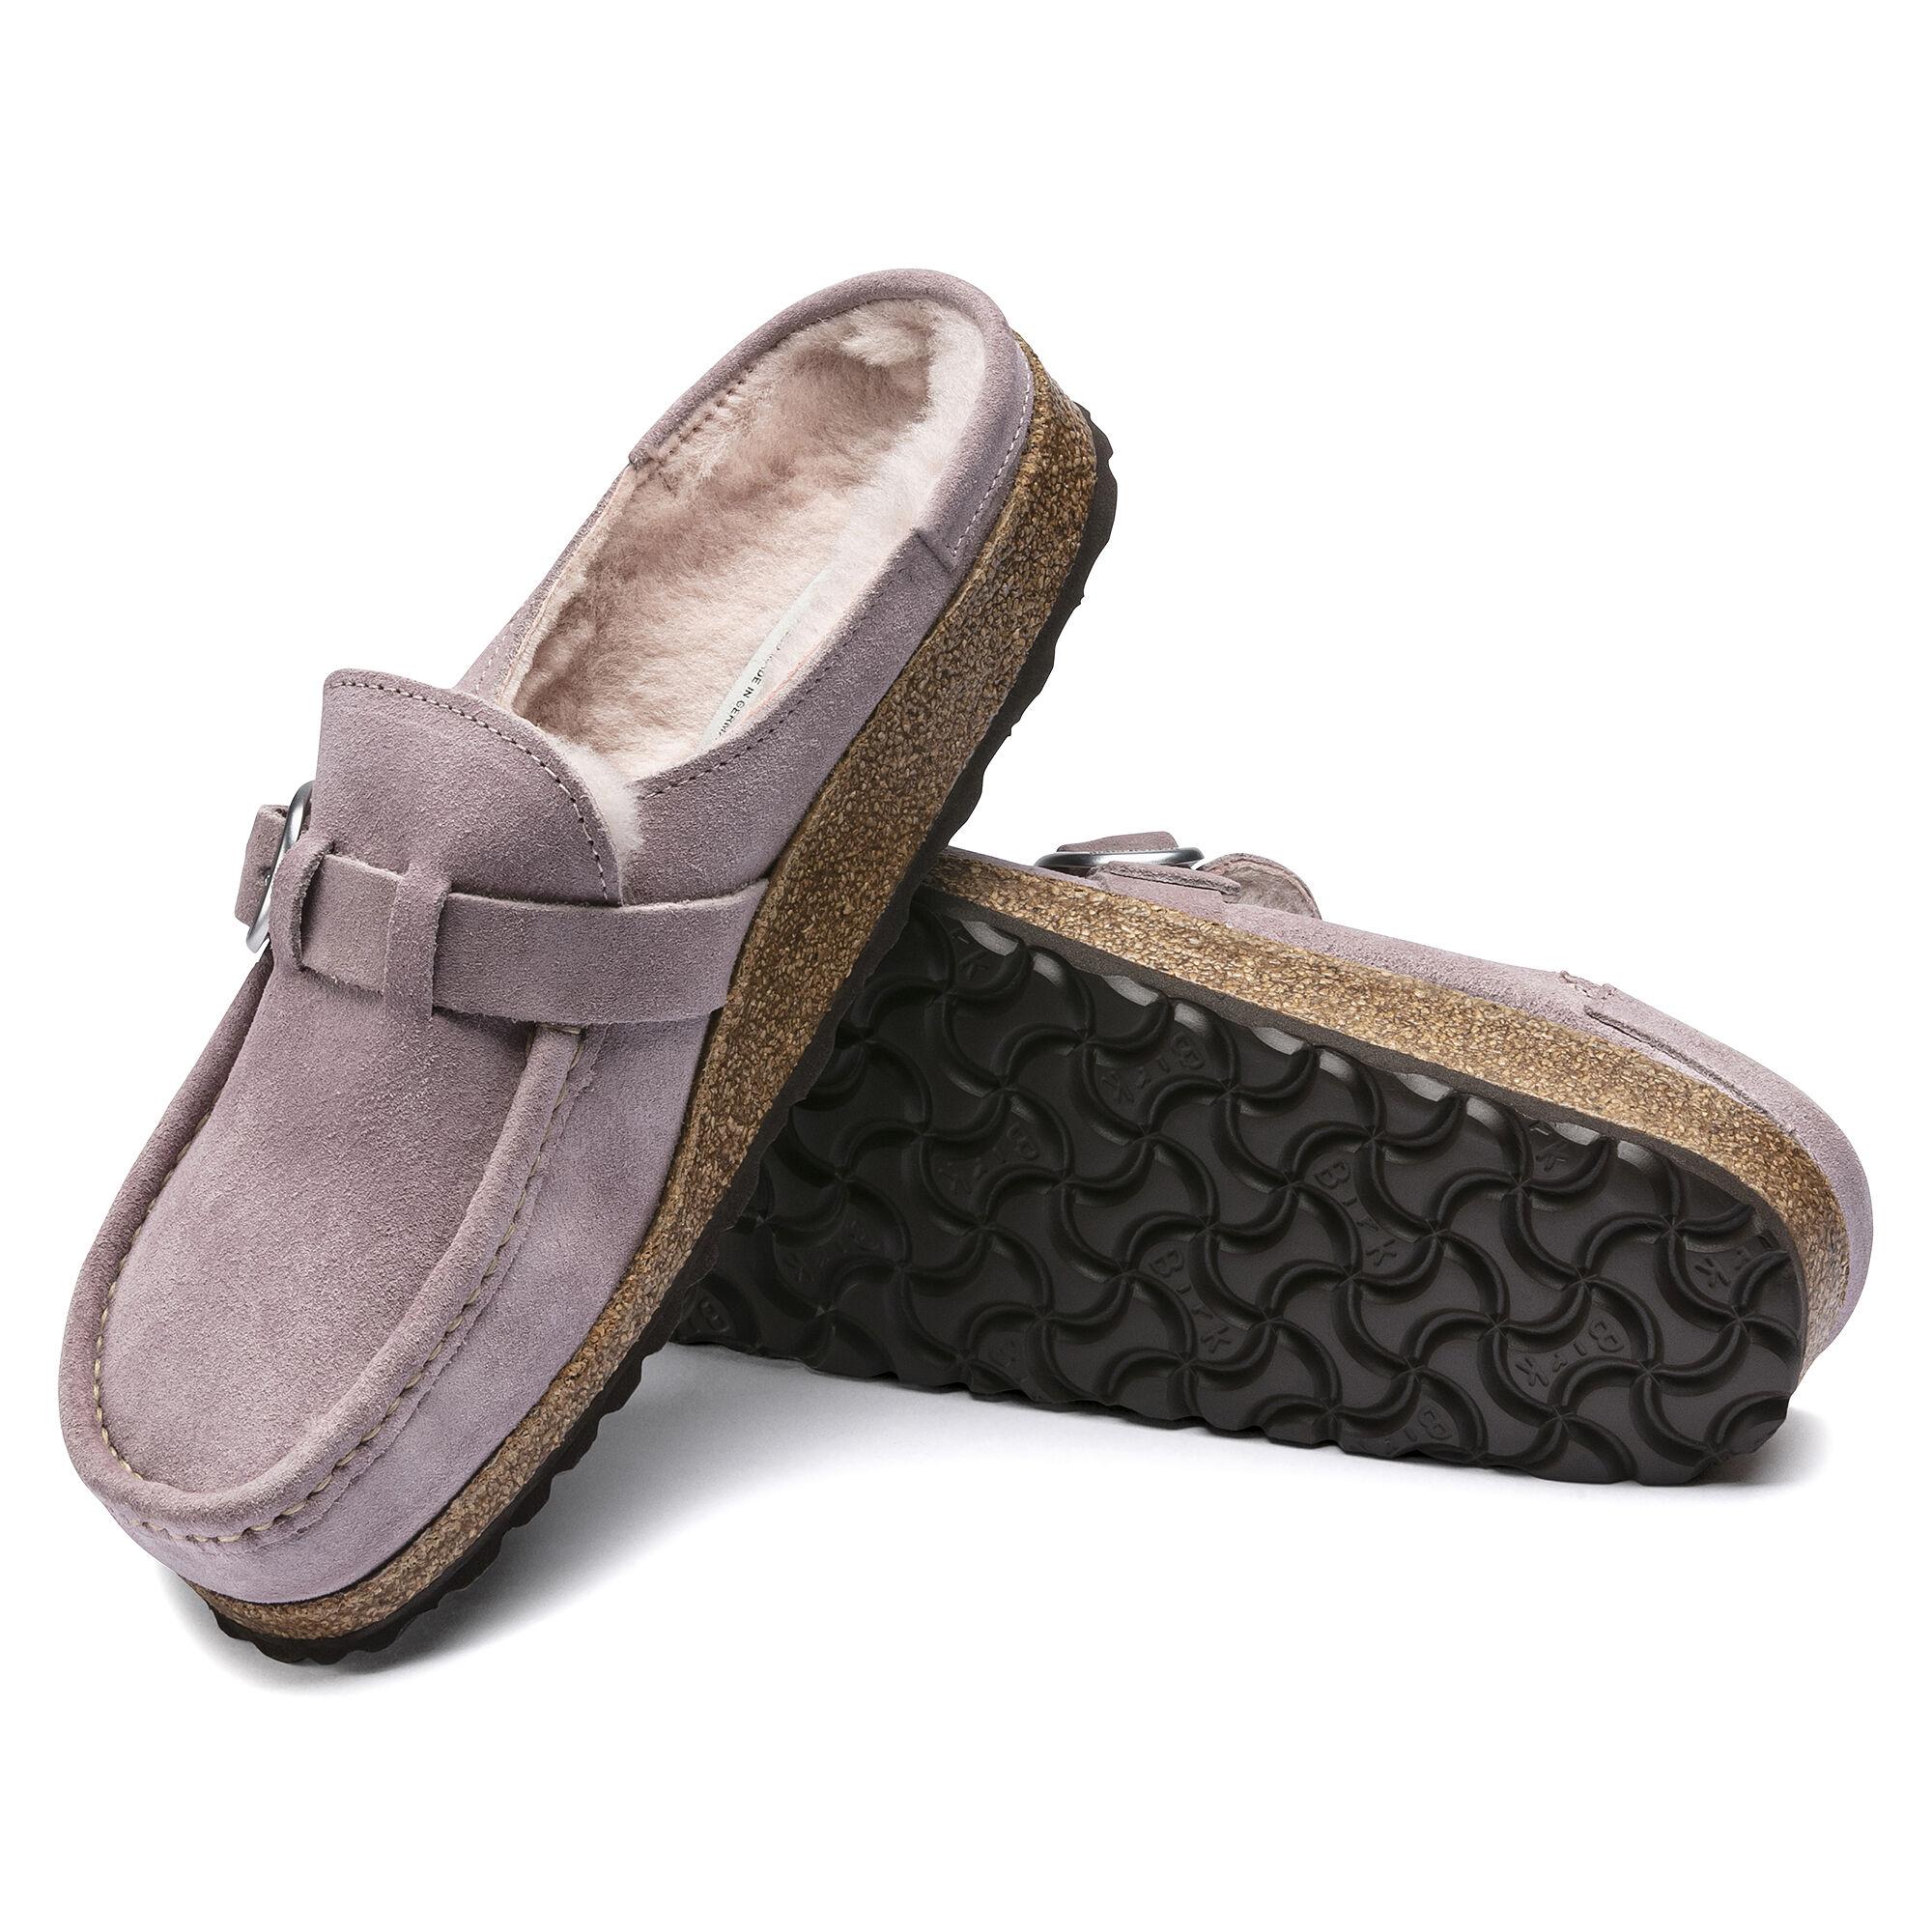 buckley suede leather birkenstock